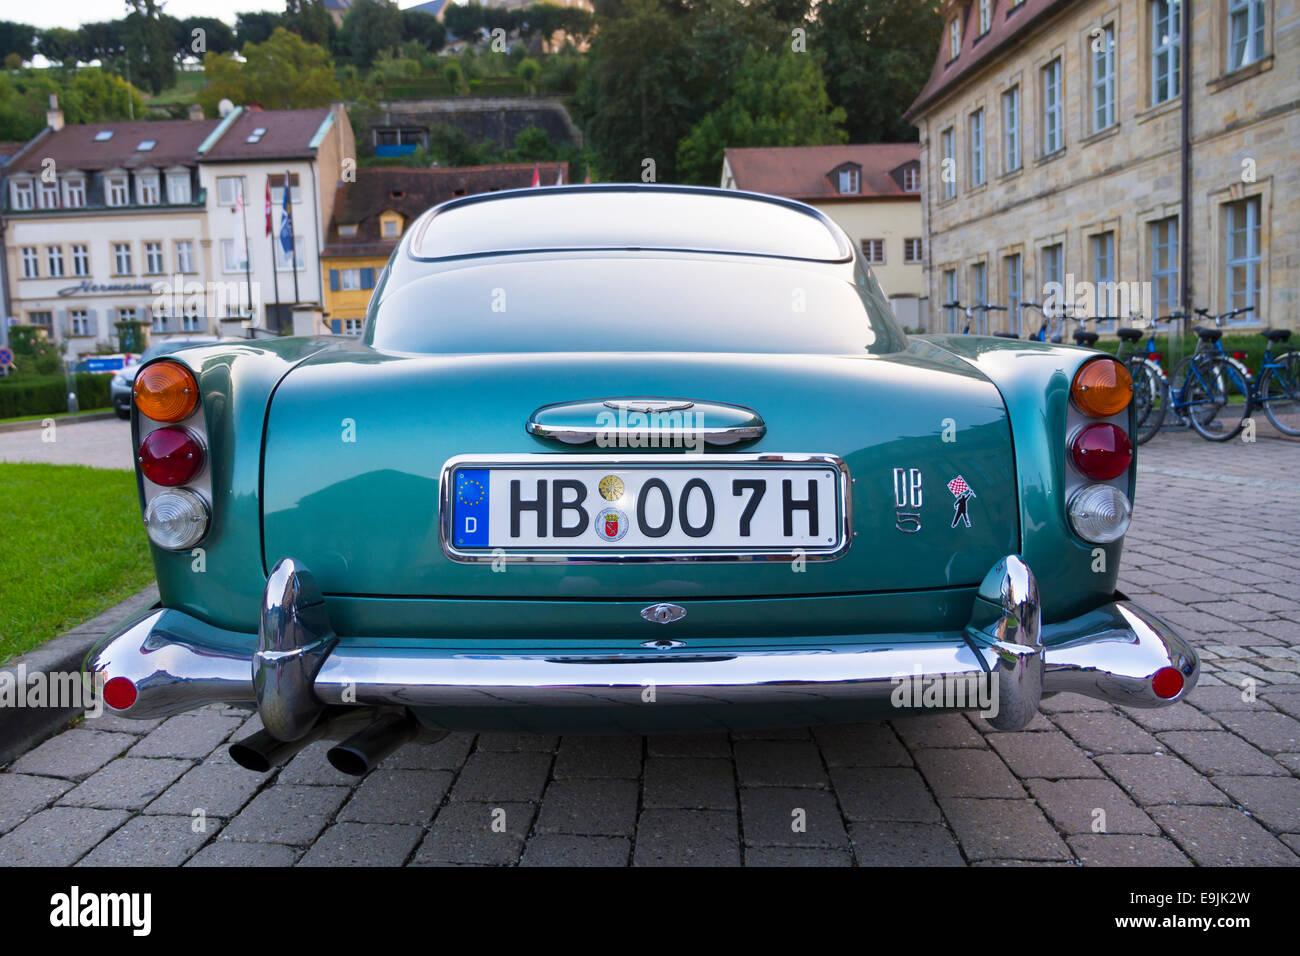 Aston Martin DB5, rear, Bamberg, Upper Franconia, Bavaria, Germany - Stock Image